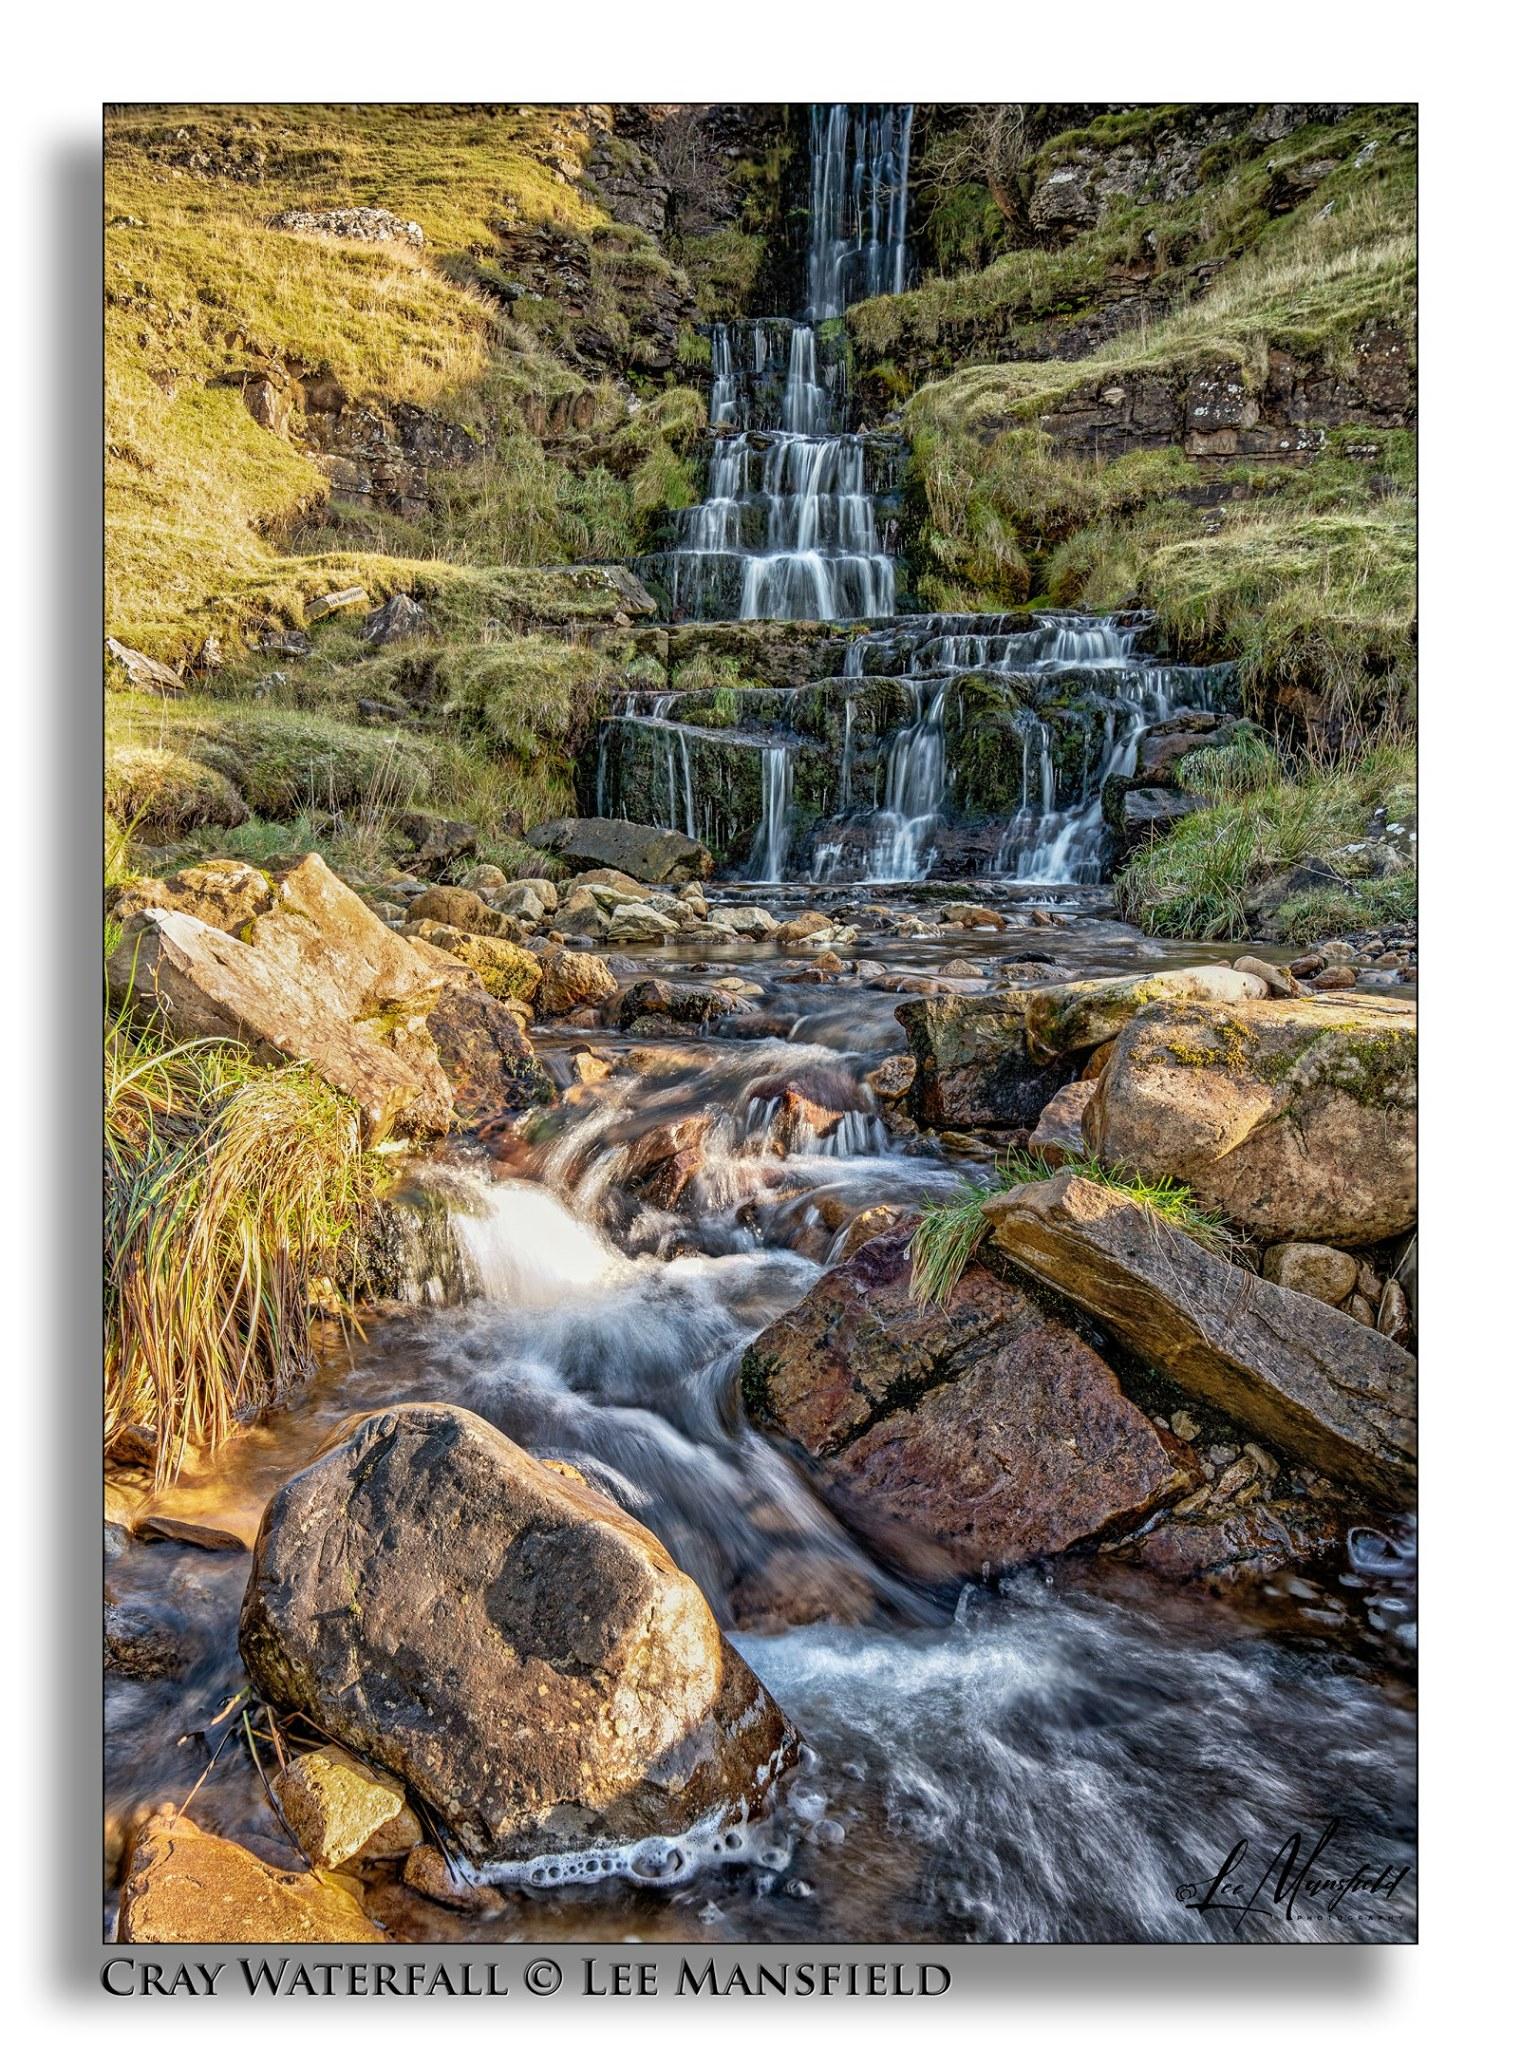 Cray Falls Waterfall